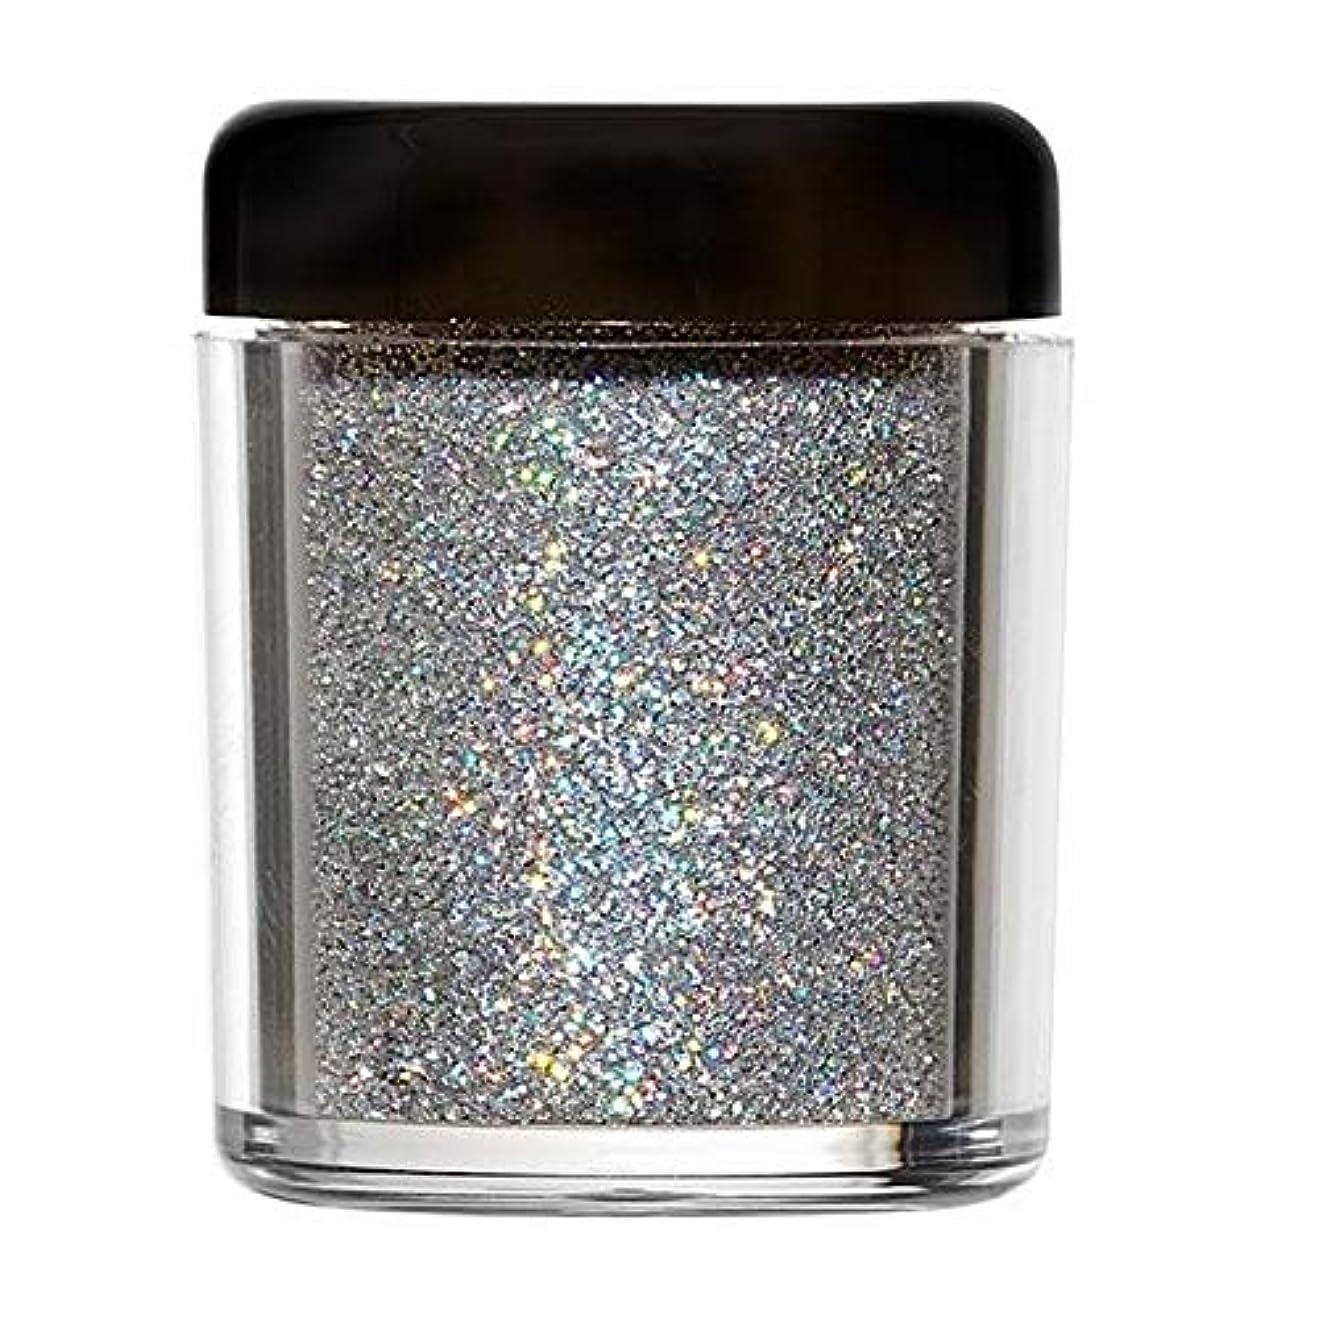 トレード生産的グリーンランド[Barry M ] バリーメートルのグリッターラッシュボディの輝き - ムーンストーン - Barry M Glitter Rush Body Glitter - Moonstone [並行輸入品]